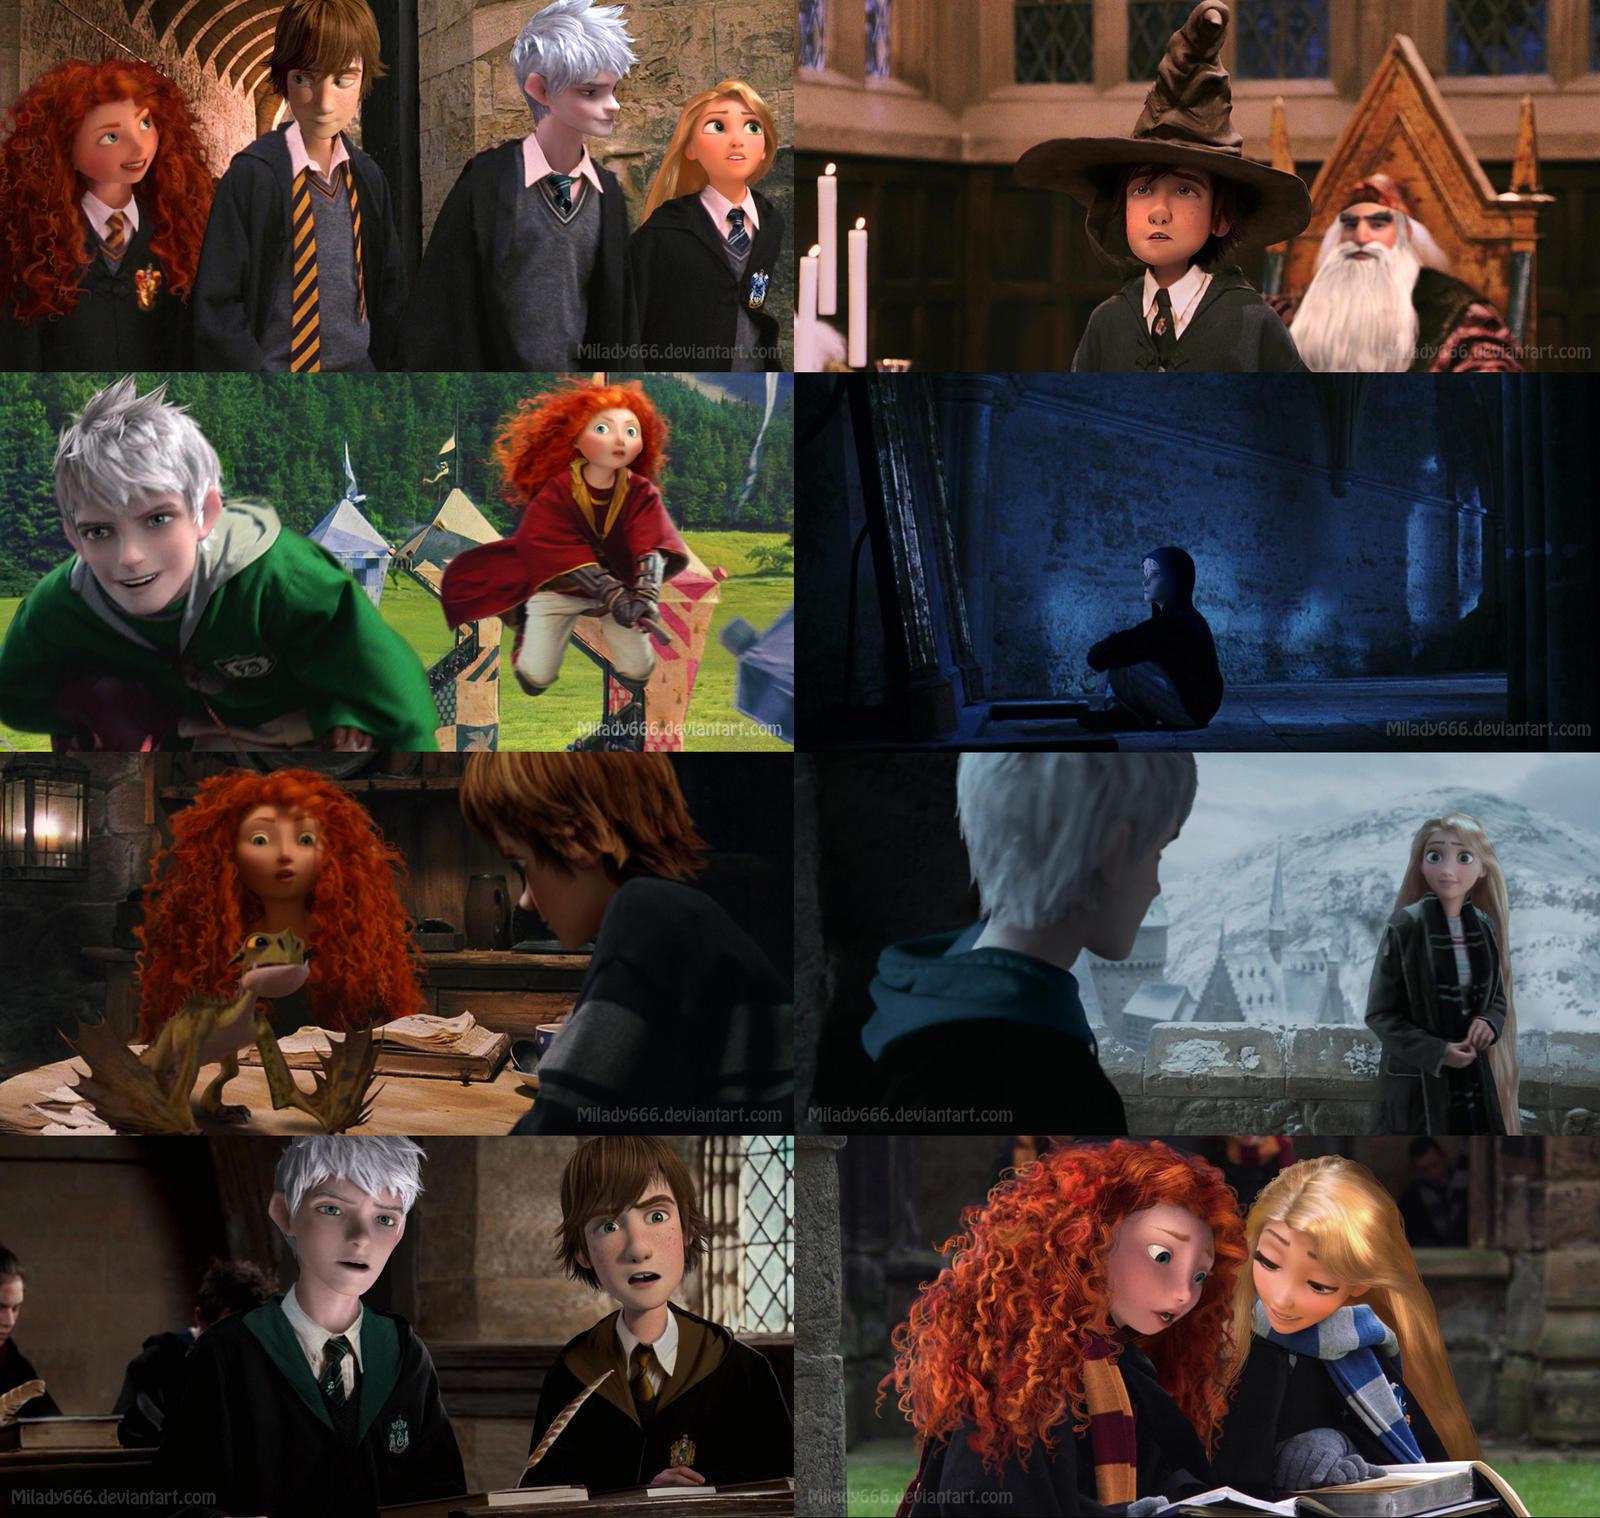 RotBTD_Hogwarts_AU by Milady666